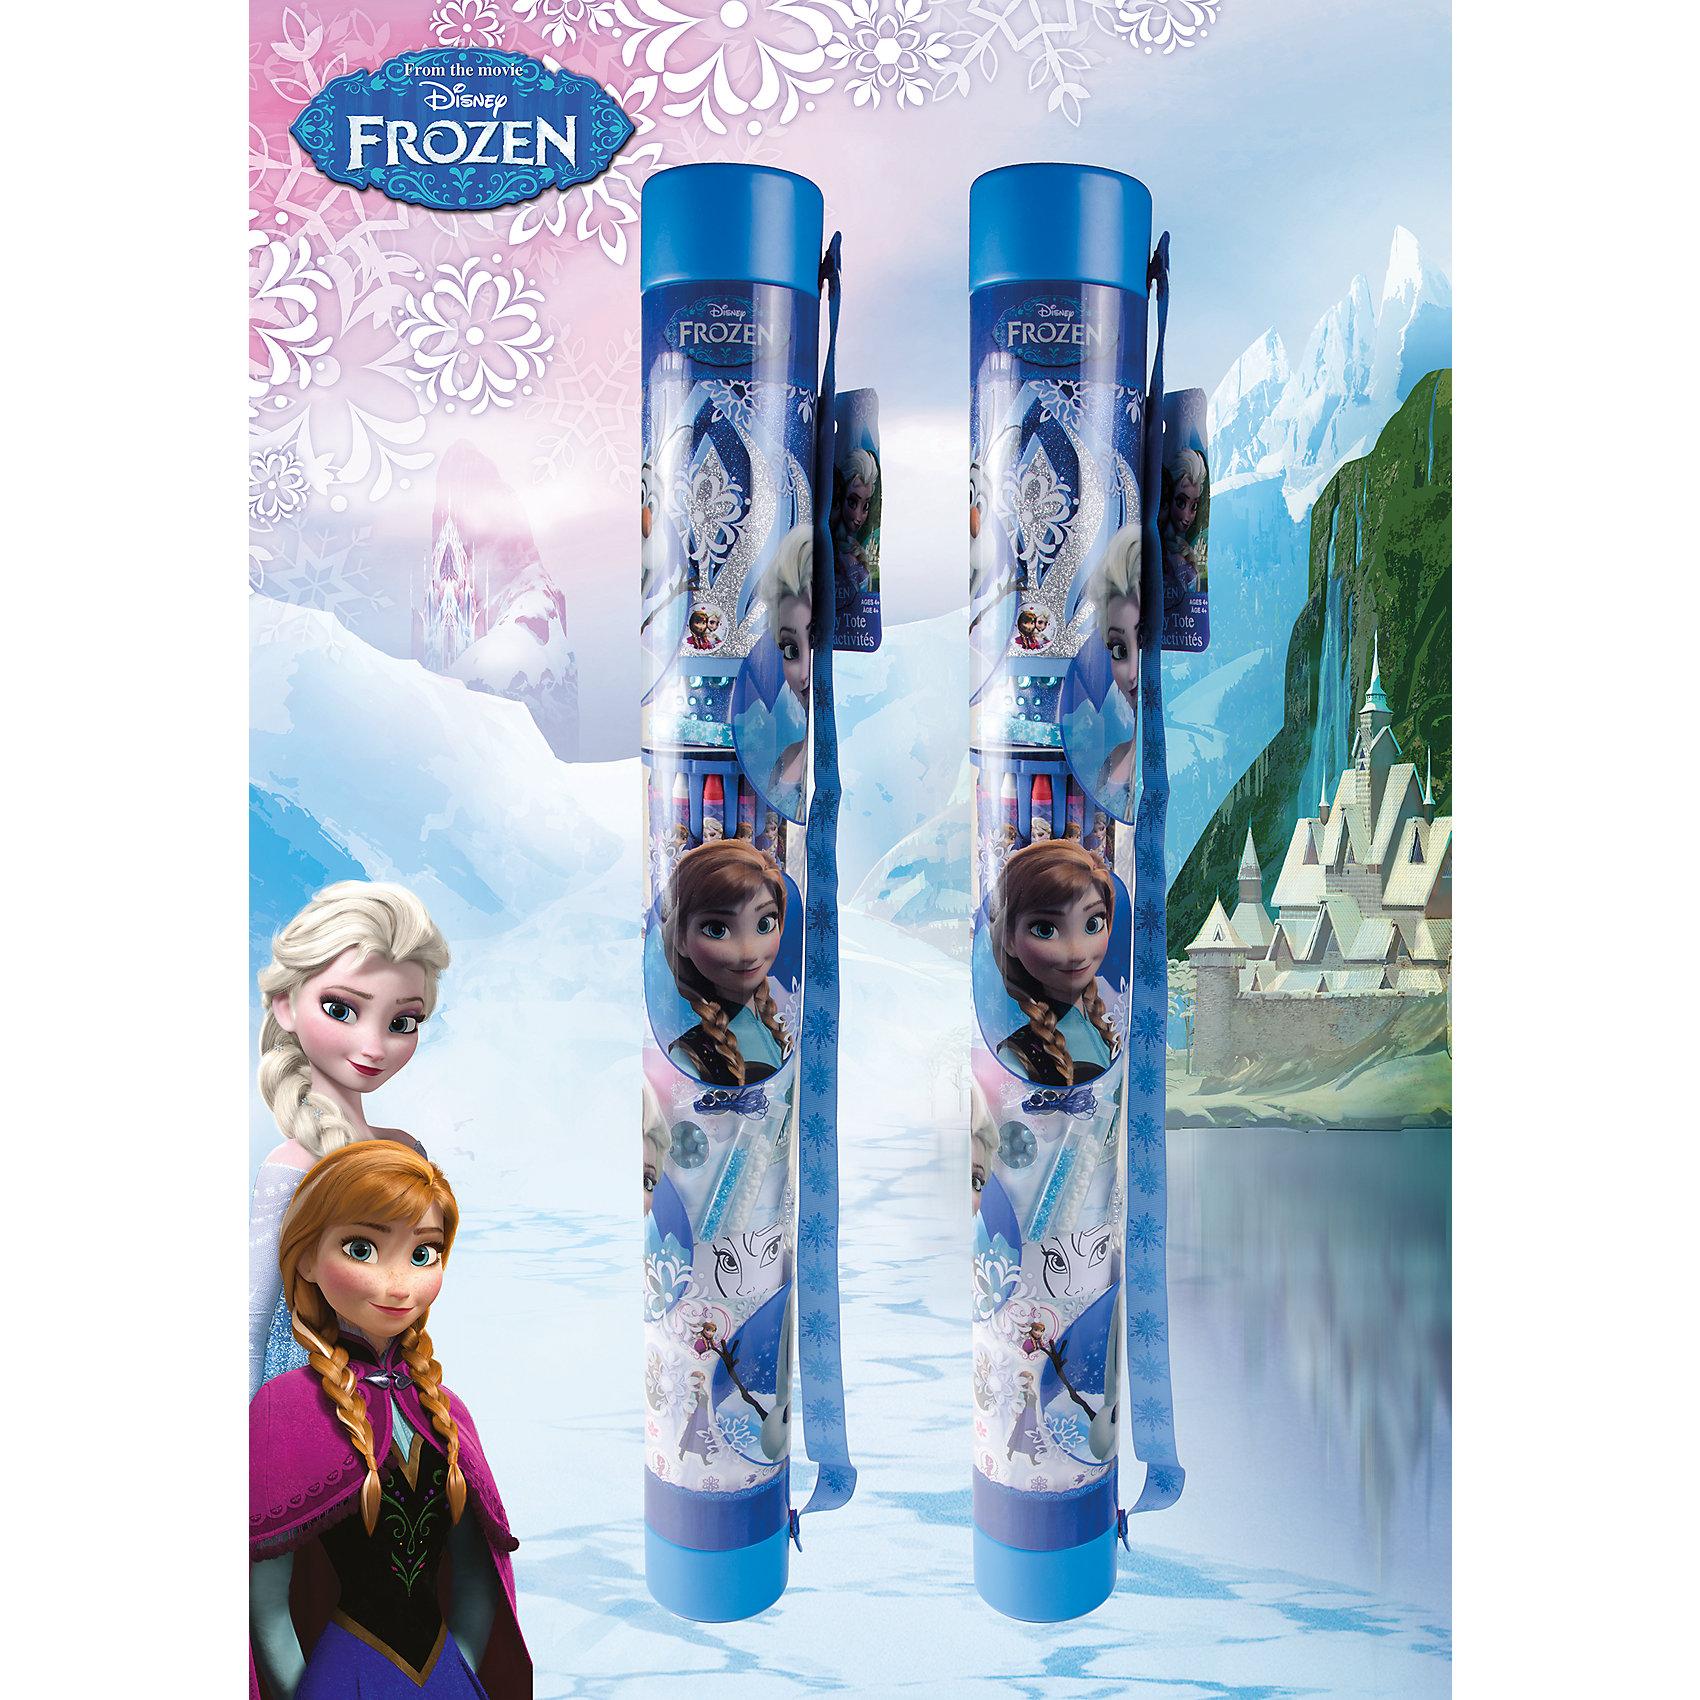 Набор для творчества 3 в 1, Холодное сердцеСтань настоящей принцессой! Создай свою корону и множество других прекрасных вещиц, а этом замечательный набор поможет тебе в этом. Набор приведет в восторг всех поклонниц мультфильма Frozen и станет прекрасным подарком на любой праздник. <br><br>Дополнительная информация:<br><br>- Материал: бумага, пластик, воск, текстиль.<br>- Комплектация: 12 восковых мелков, 2 подставки для мелков, 6 листов цветной бумаги, 2 набора наклеек, 2 блестящие формы в виде короны, 1 3D наклейка,1 сатиновая лента, 1 резинка, 1 овальный серебристый крючок, 10 маленьких серебристых бусин, 2 бусины, 4 бусины в форме сердца, 2 большие плоские бусины, 4 большие круглые бусины, 6 бусин в форме пони, 1 лента принцессы, 4 картонные вставки, инструкция, тубус для хранения. <br>- Размер упаковки: длина - 78 см, d -9 см. <br><br>Набор для творчества 3 в 1, Холодное сердце (Frozen), можно купить в нашем магазине.<br><br>Ширина мм: 775<br>Глубина мм: 88<br>Высота мм: 92<br>Вес г: 439<br>Возраст от месяцев: 60<br>Возраст до месяцев: 120<br>Пол: Женский<br>Возраст: Детский<br>SKU: 4122030